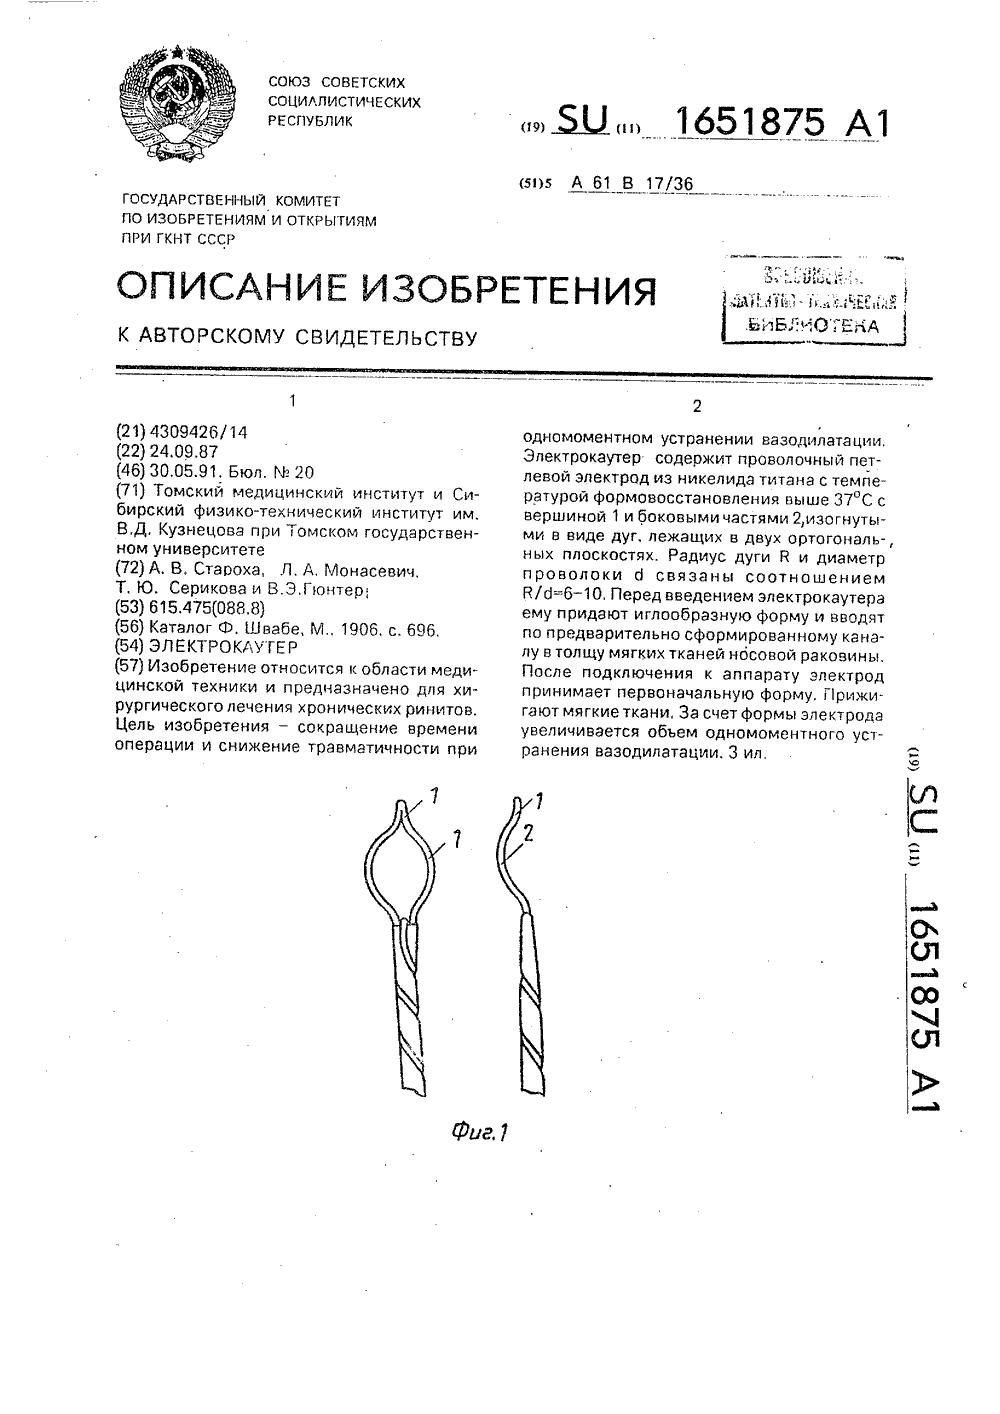 Электрокимография